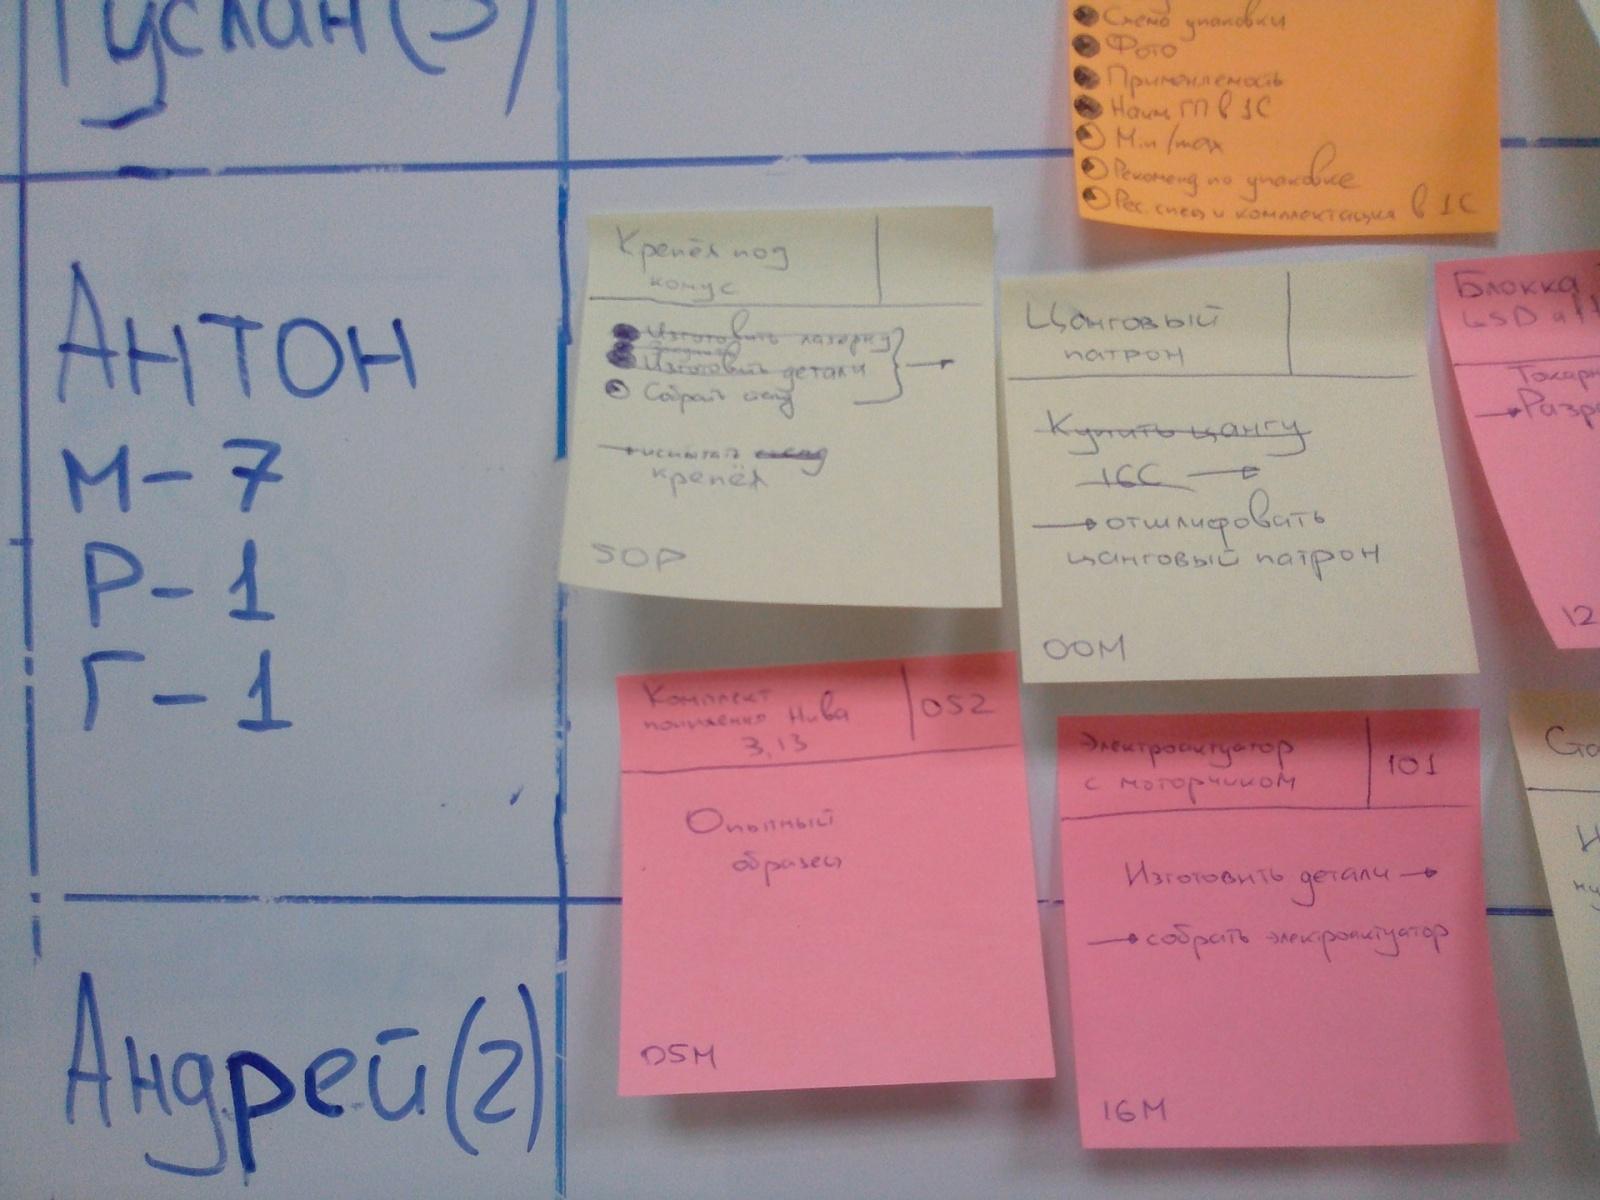 Управление ресурсами при разработке продуктов в машиностроении - 3